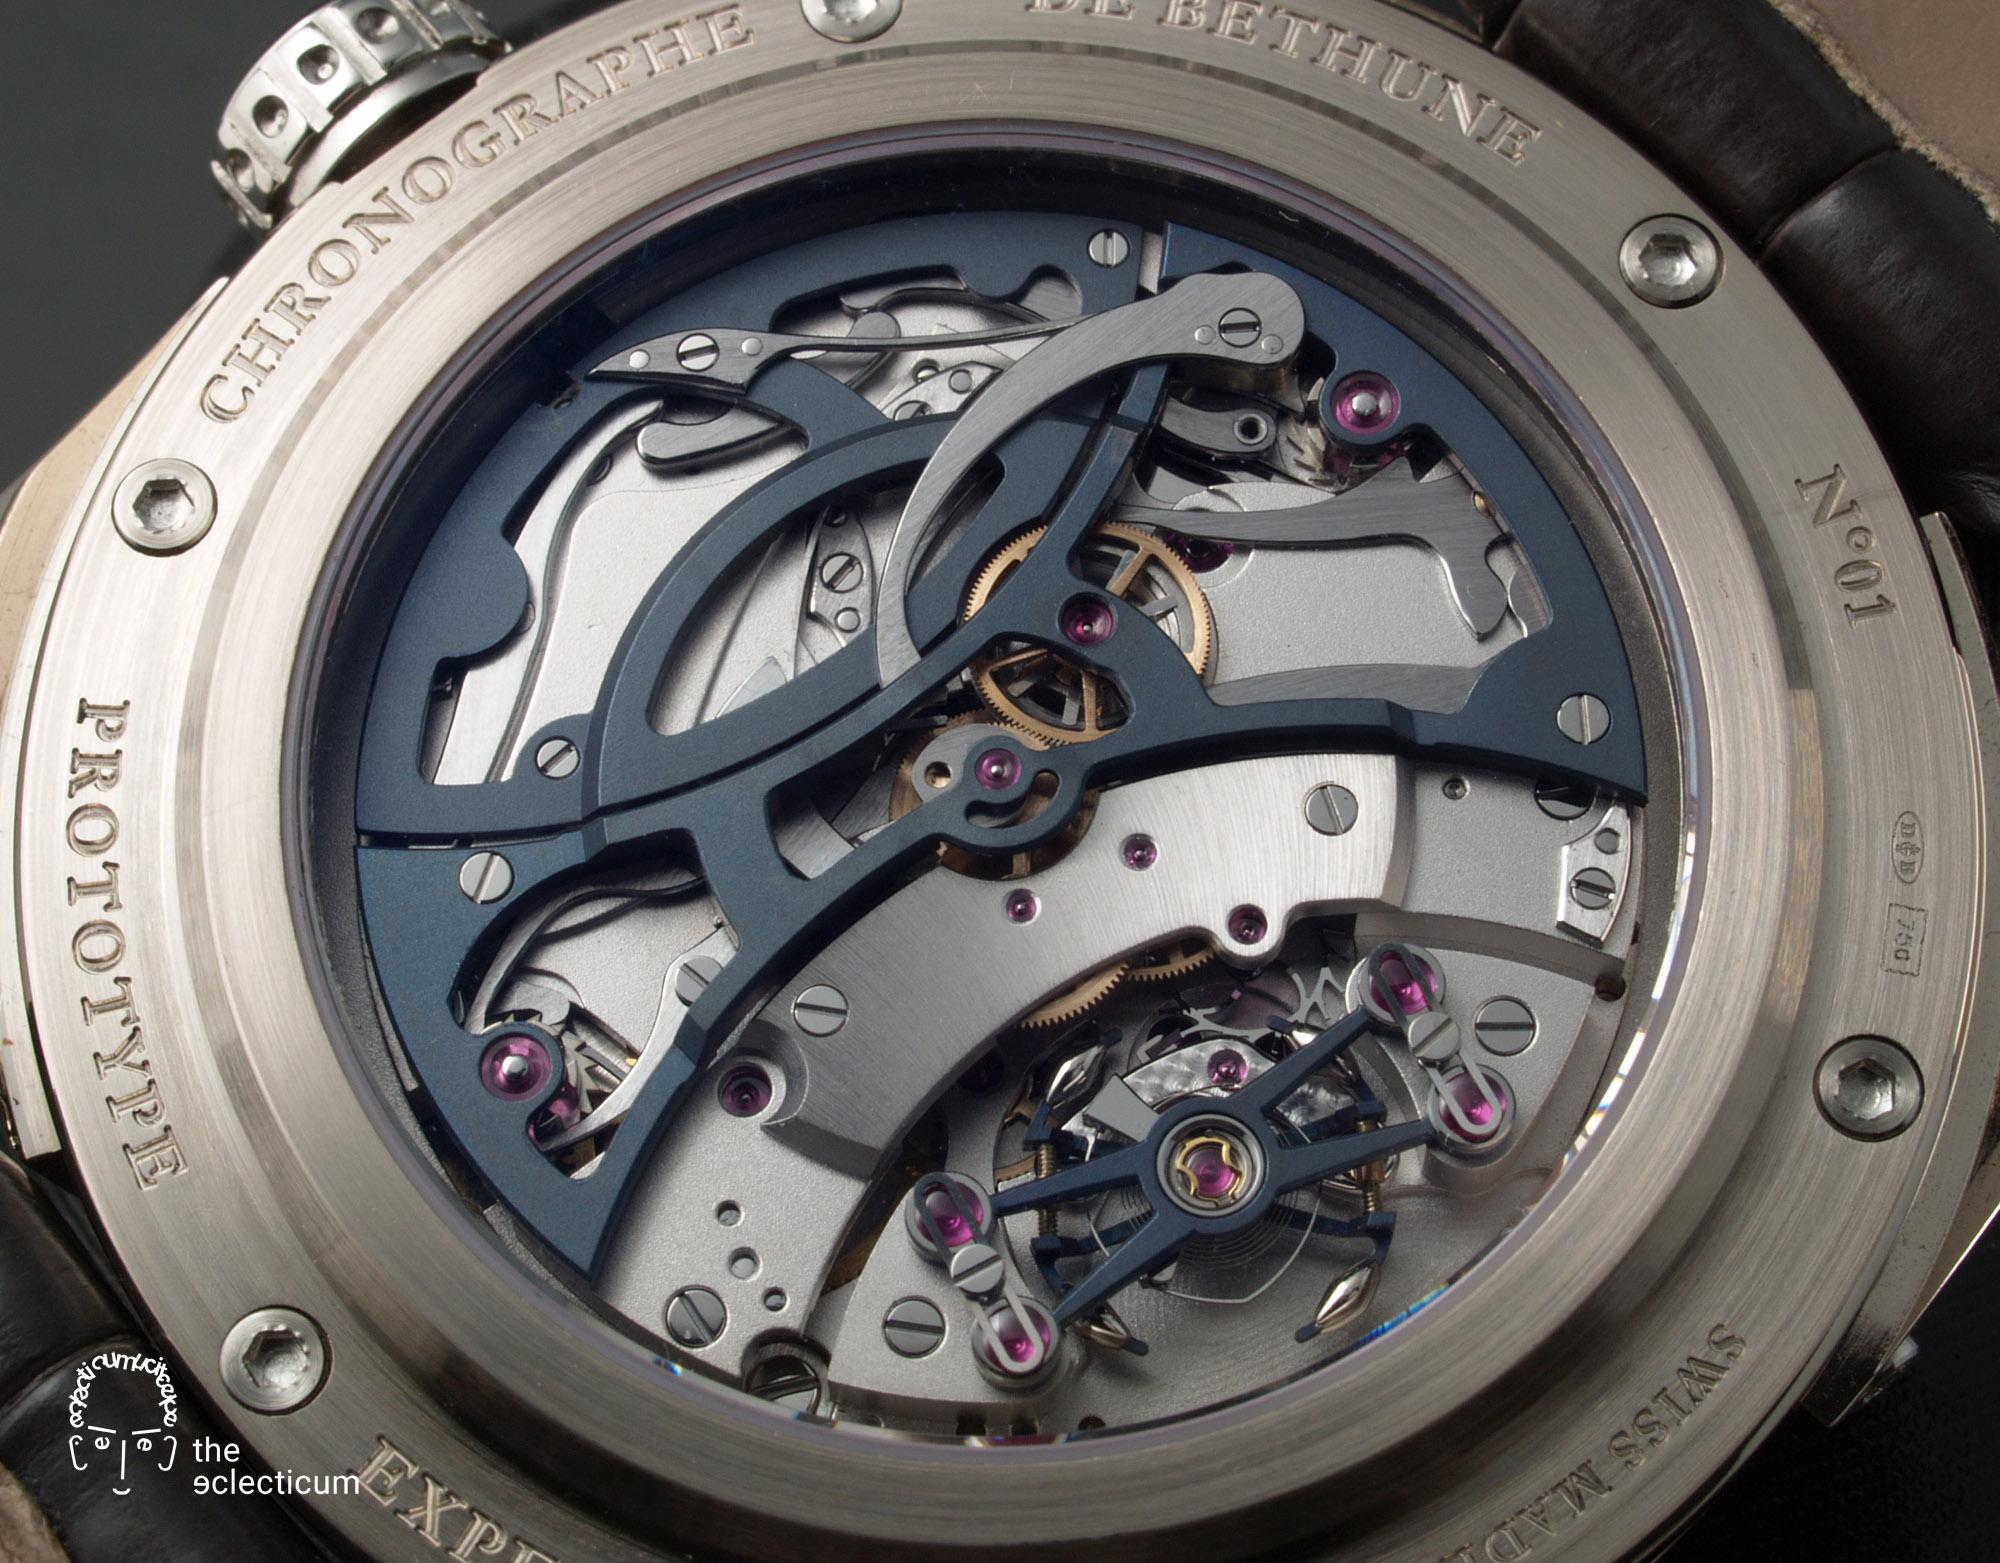 De Bethune DB21 MaxiChrono chronograph Central stack movement Cal. DB2034